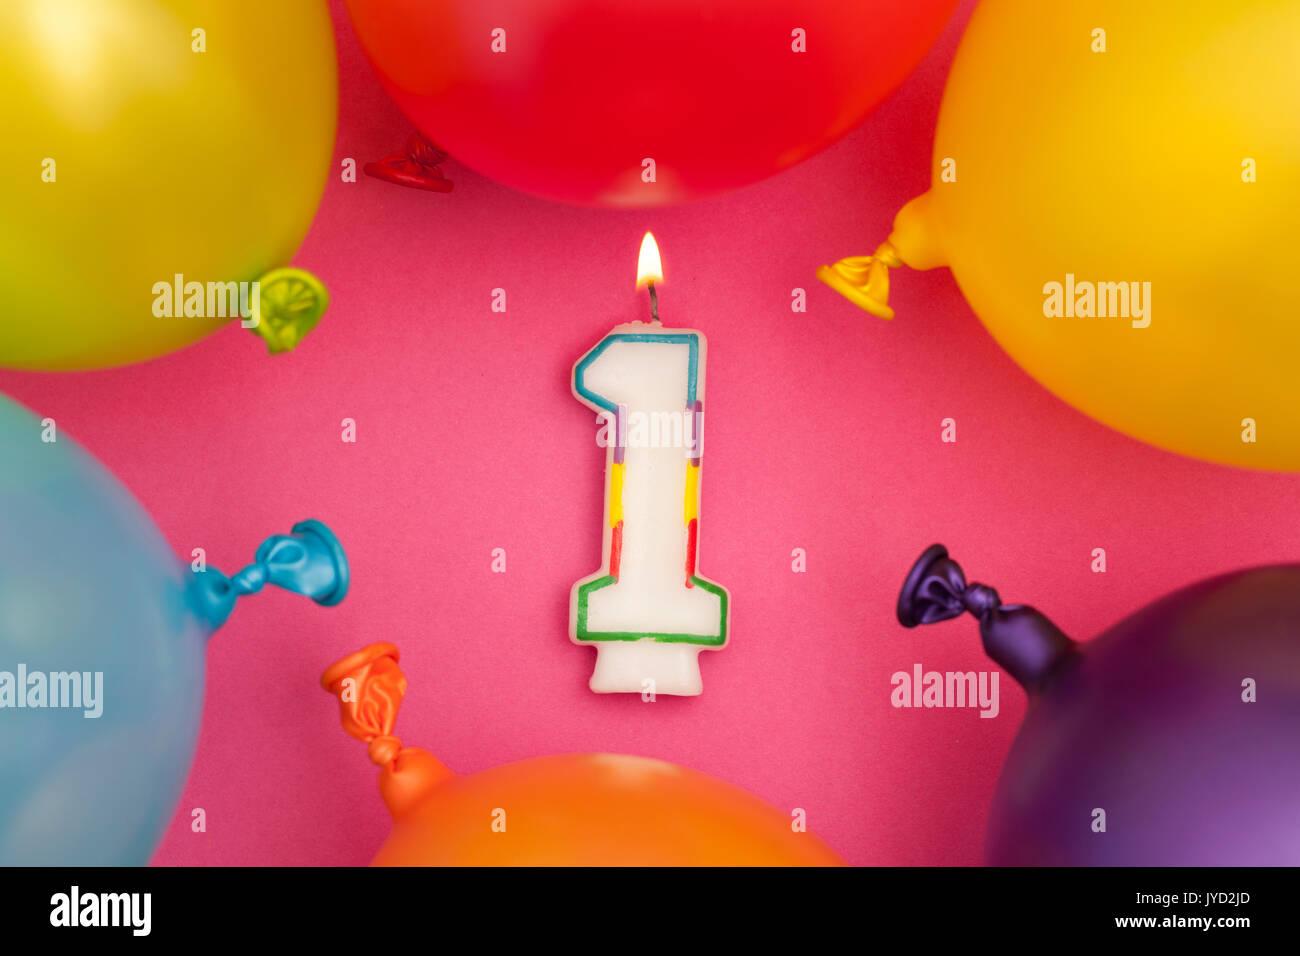 Feliz cumpleaños número 1 velas de celebración con coloridos globos Imagen De Stock